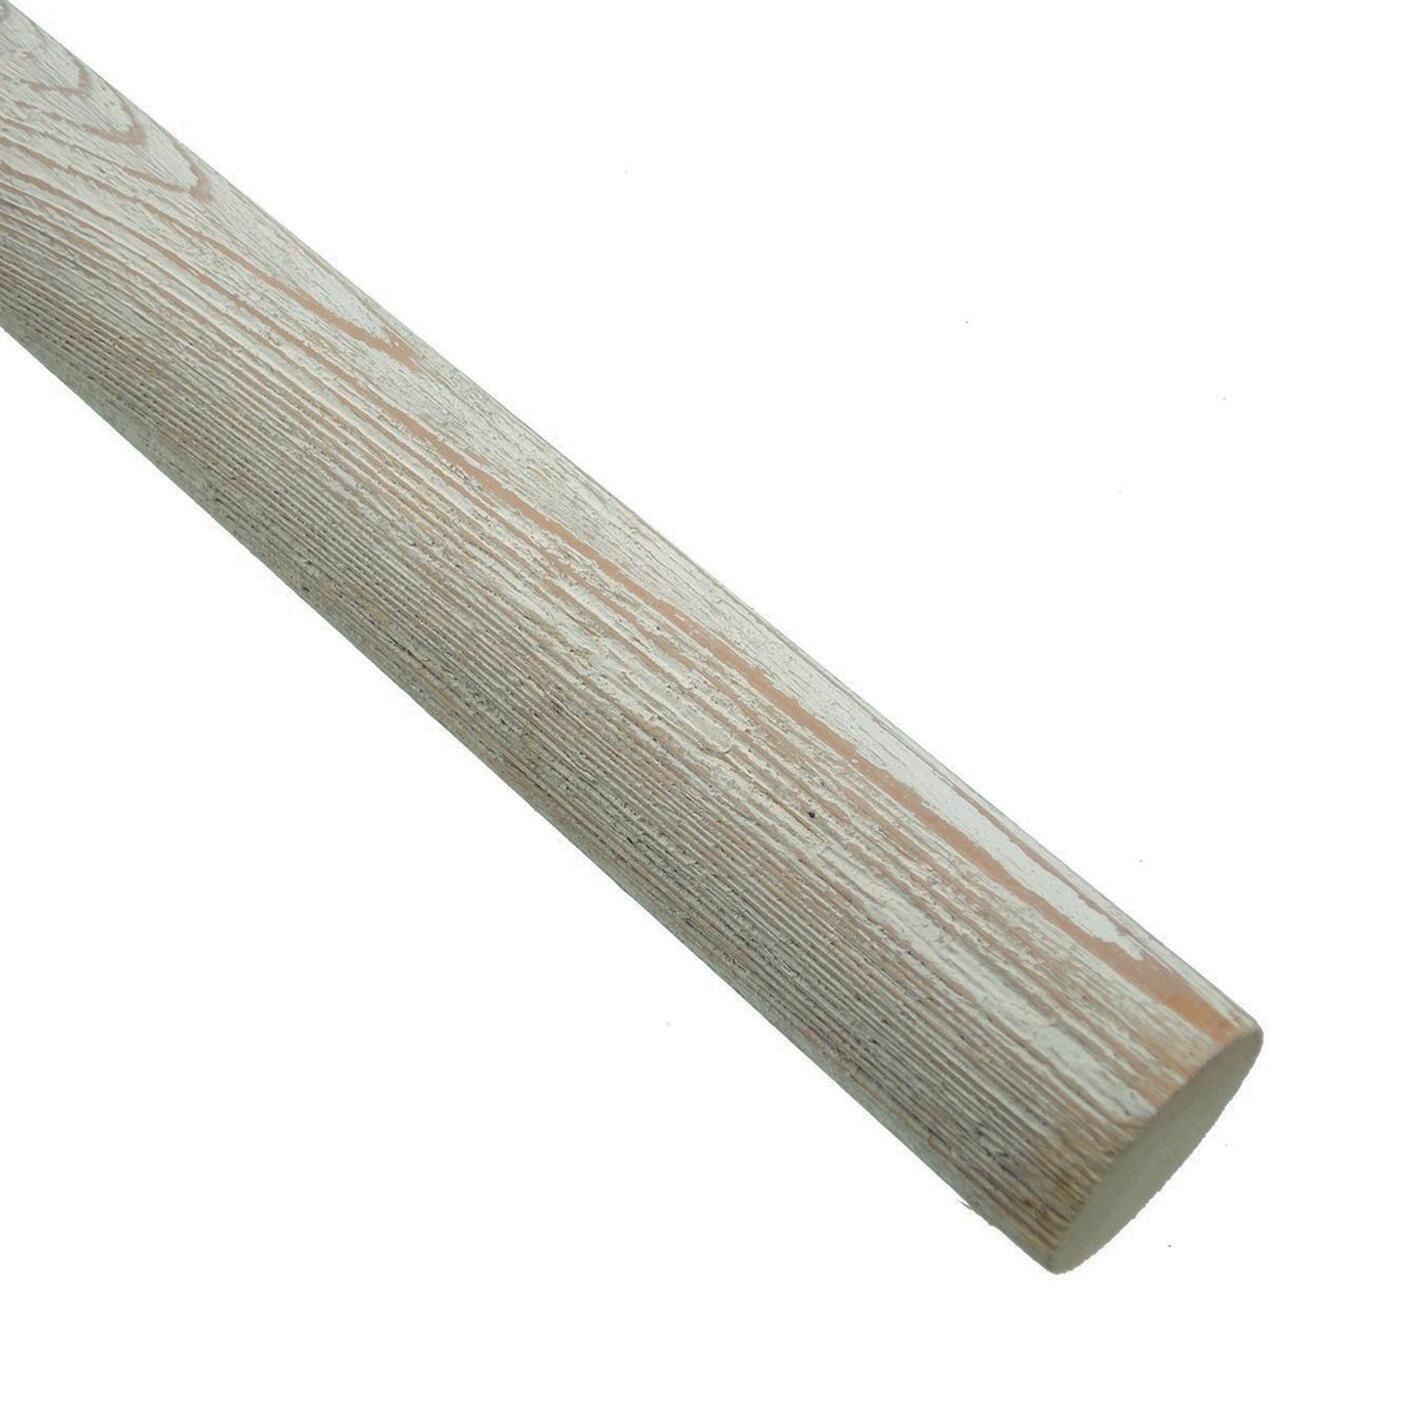 Bastone per tenda Aspen in legno Ø 35 mm bianco decapato 250 cm